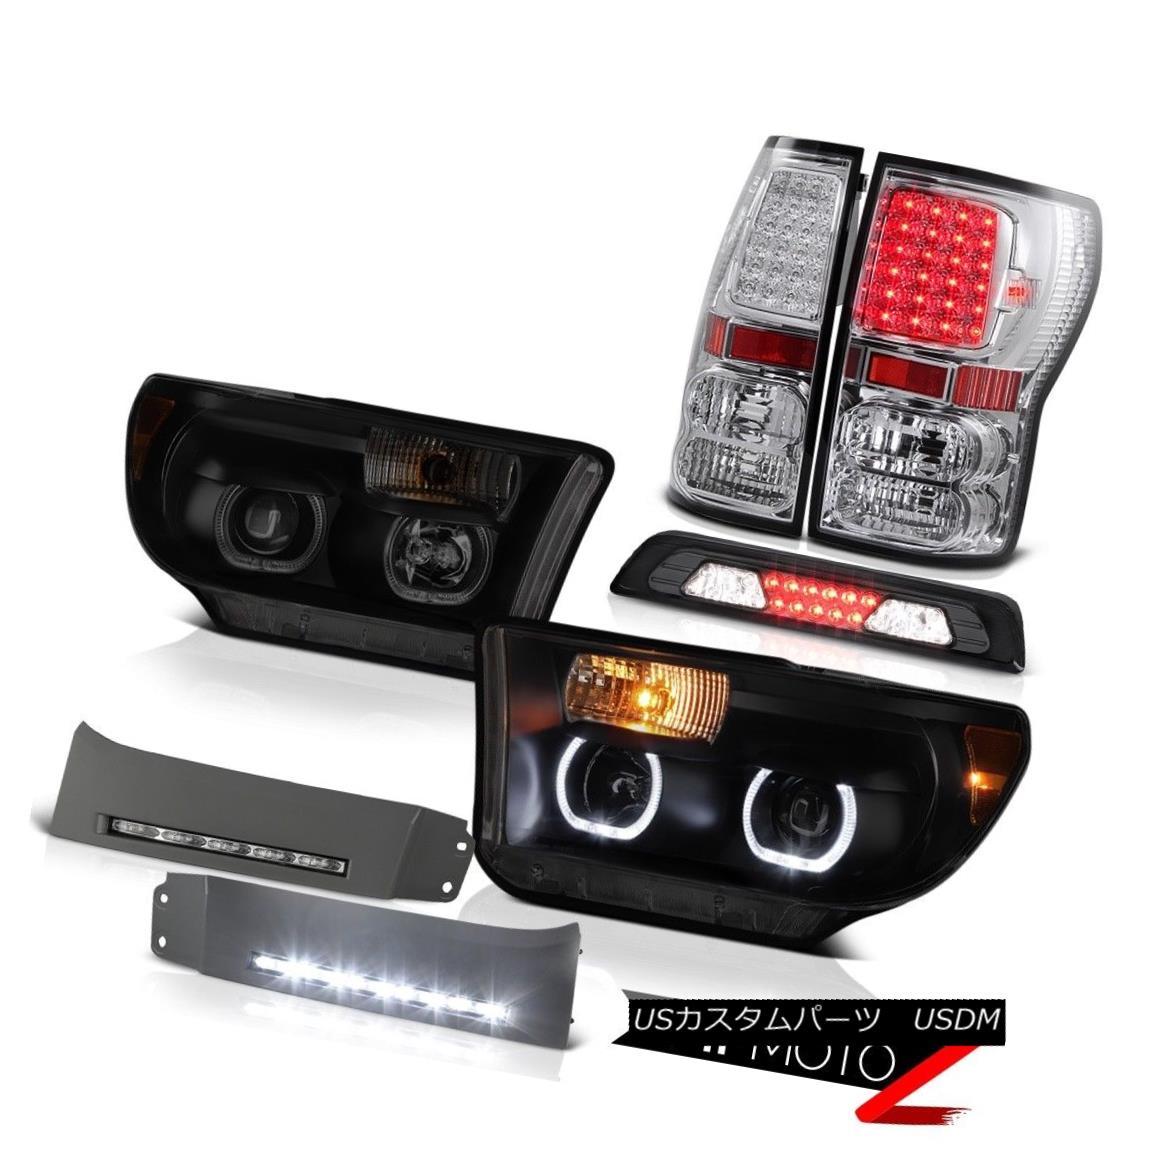 テールライト 07-13 Toyota Tundra Limited Headlights Bumper DRL Smoked Roof Cab Lamp Taillamps 07-13トヨタ・トンドラ・リミテッドヘッドライトバンパーDRLスモークルーフキャブ・ランプ・タイルランプ